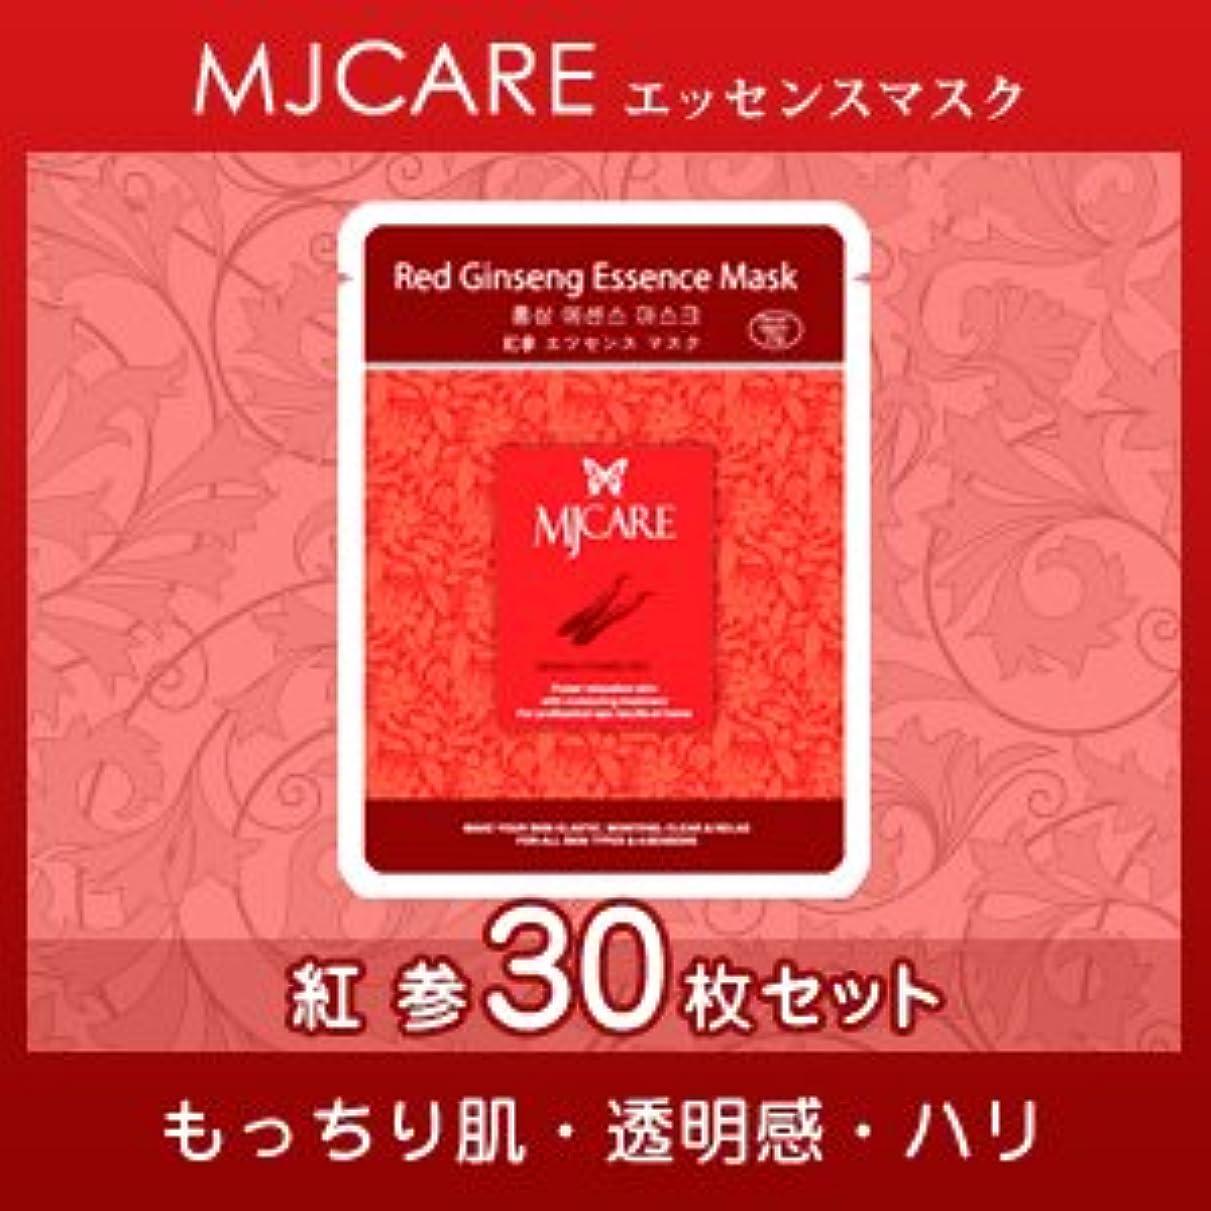 どっち円周心理的にMJCARE (エムジェイケア) 紅参 エッセンスマスク 30セット